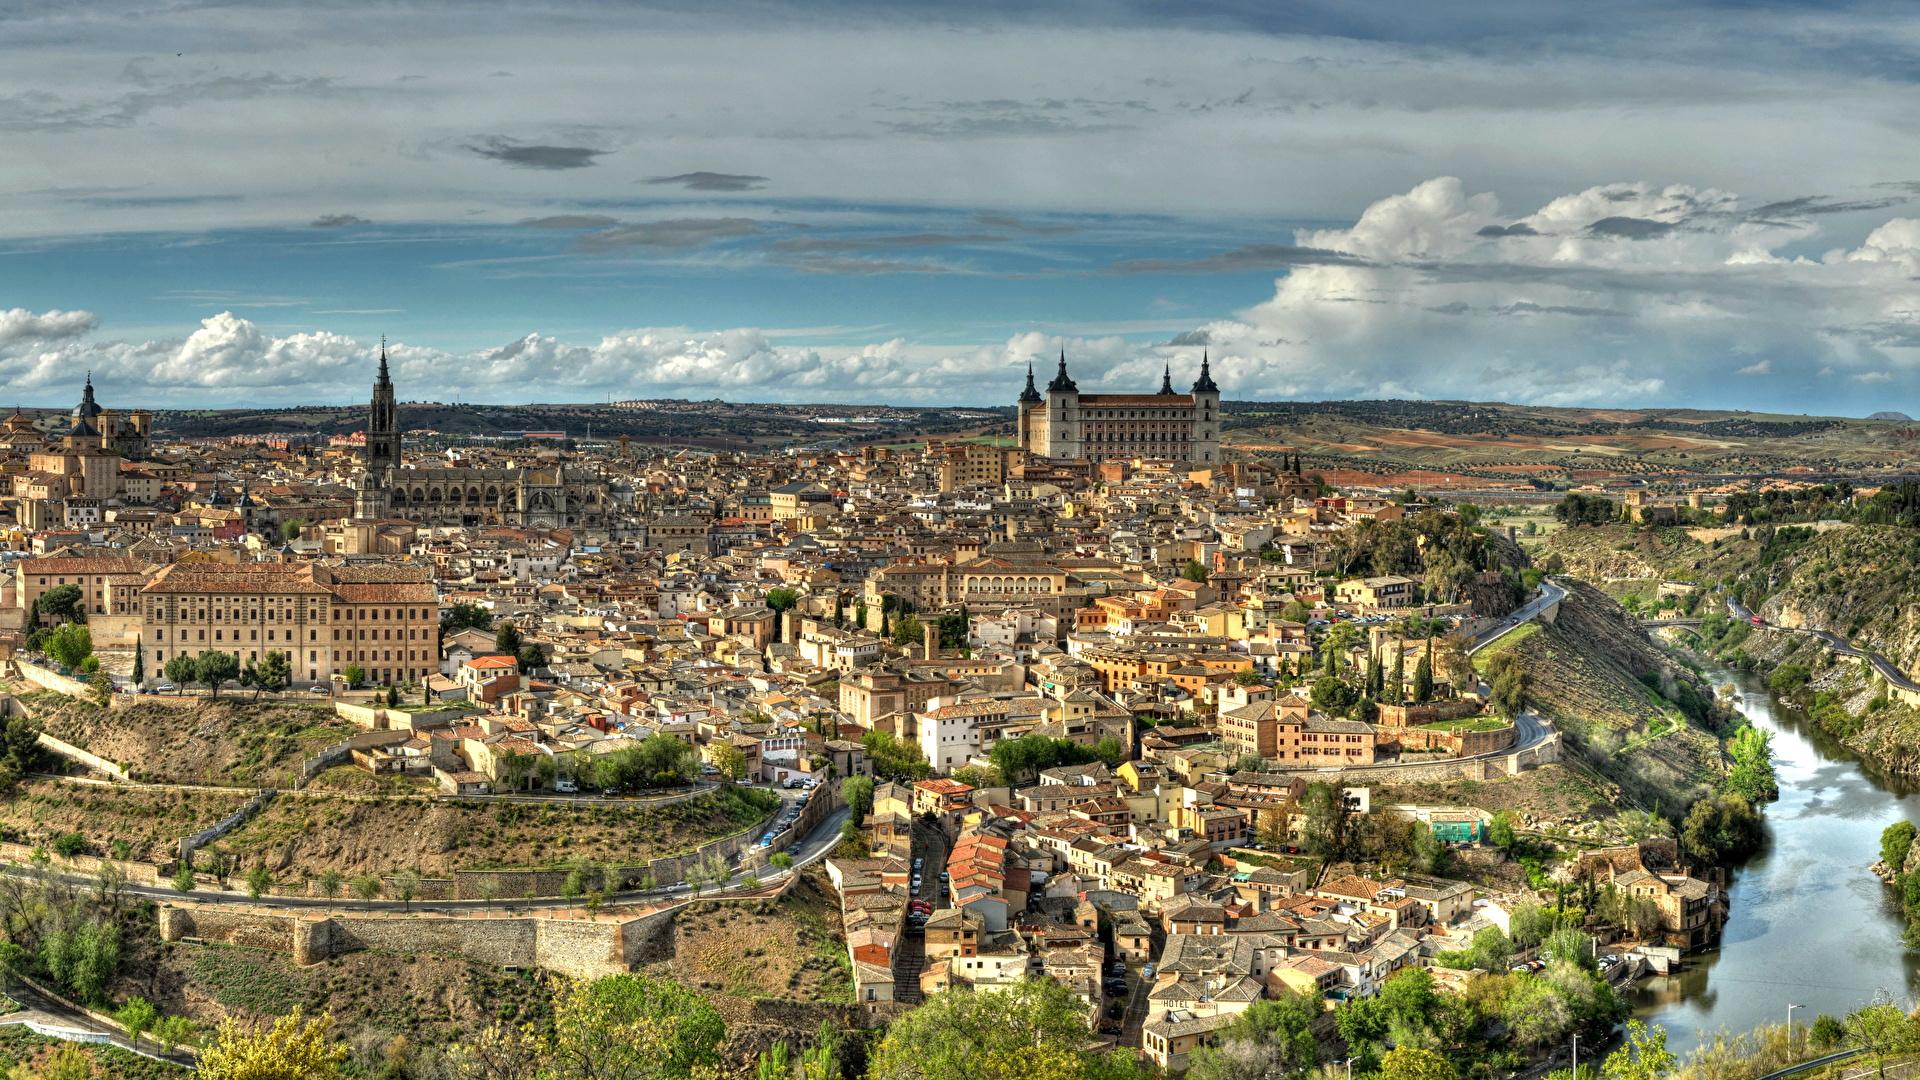 壁紙 19x1080 スペイン 住宅 トレド 都市 ダウンロード 写真